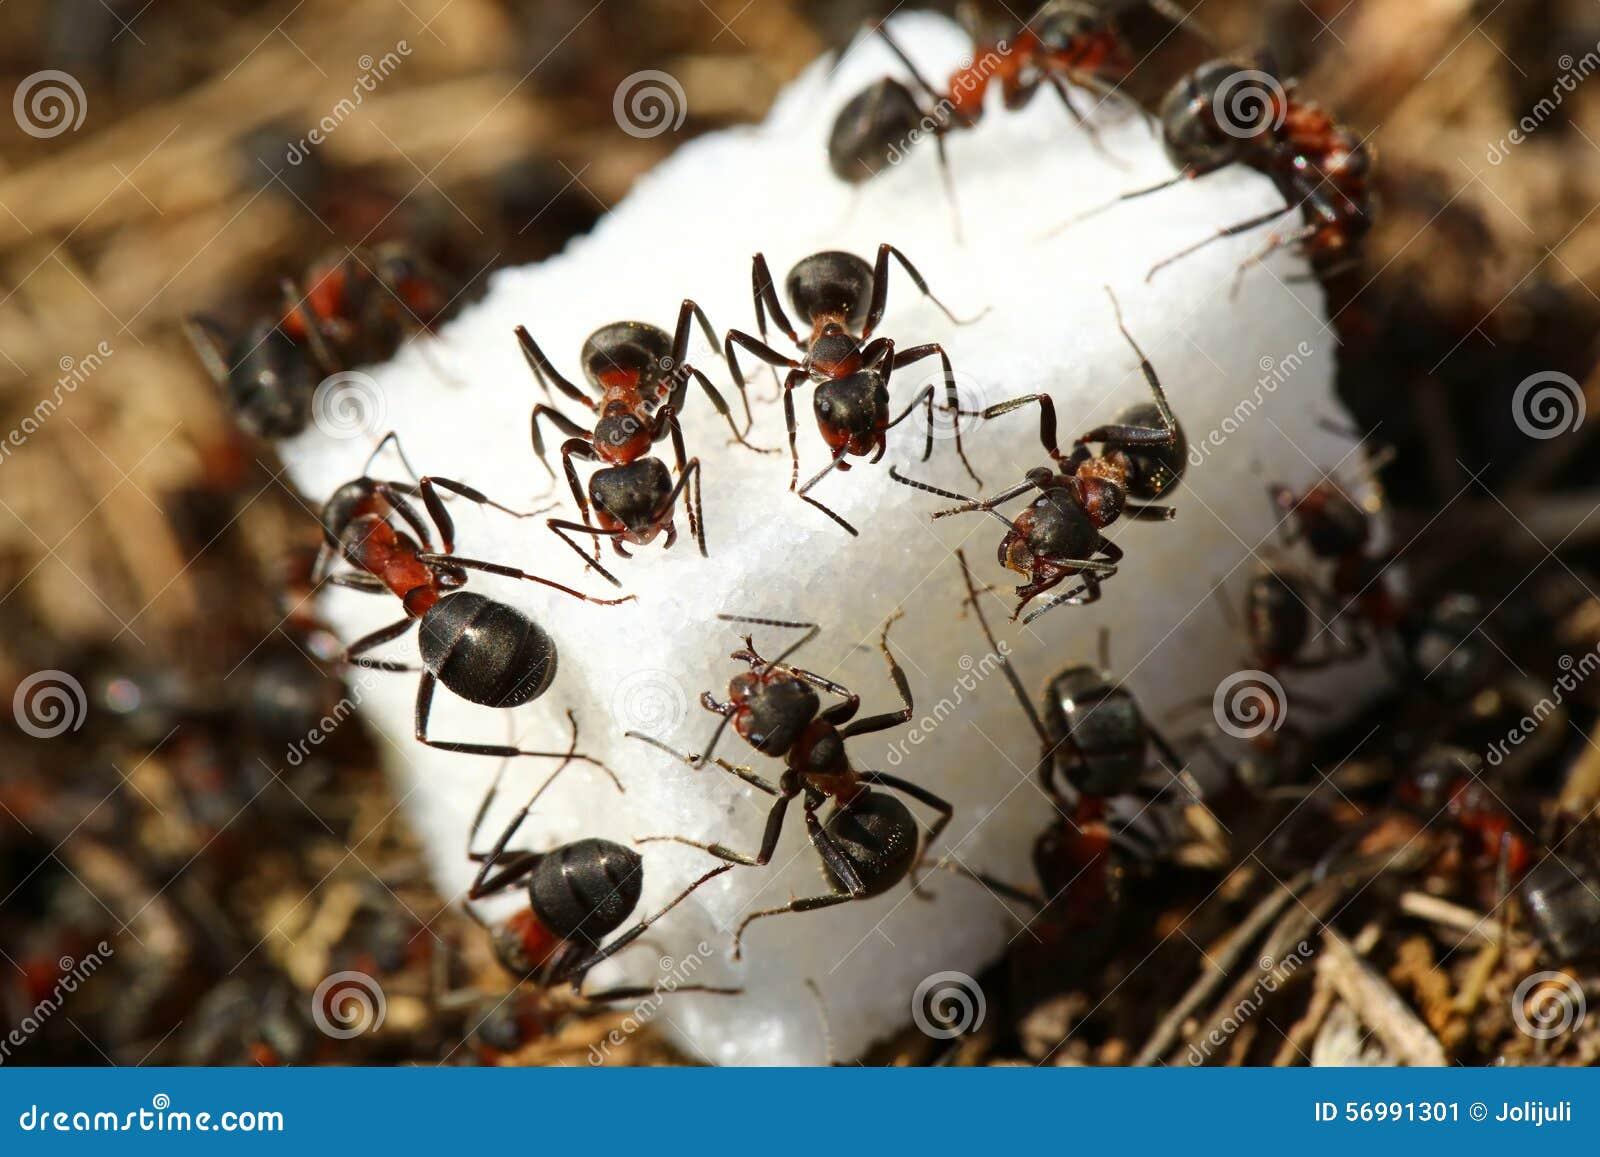 Ameisen, die Zucker essen